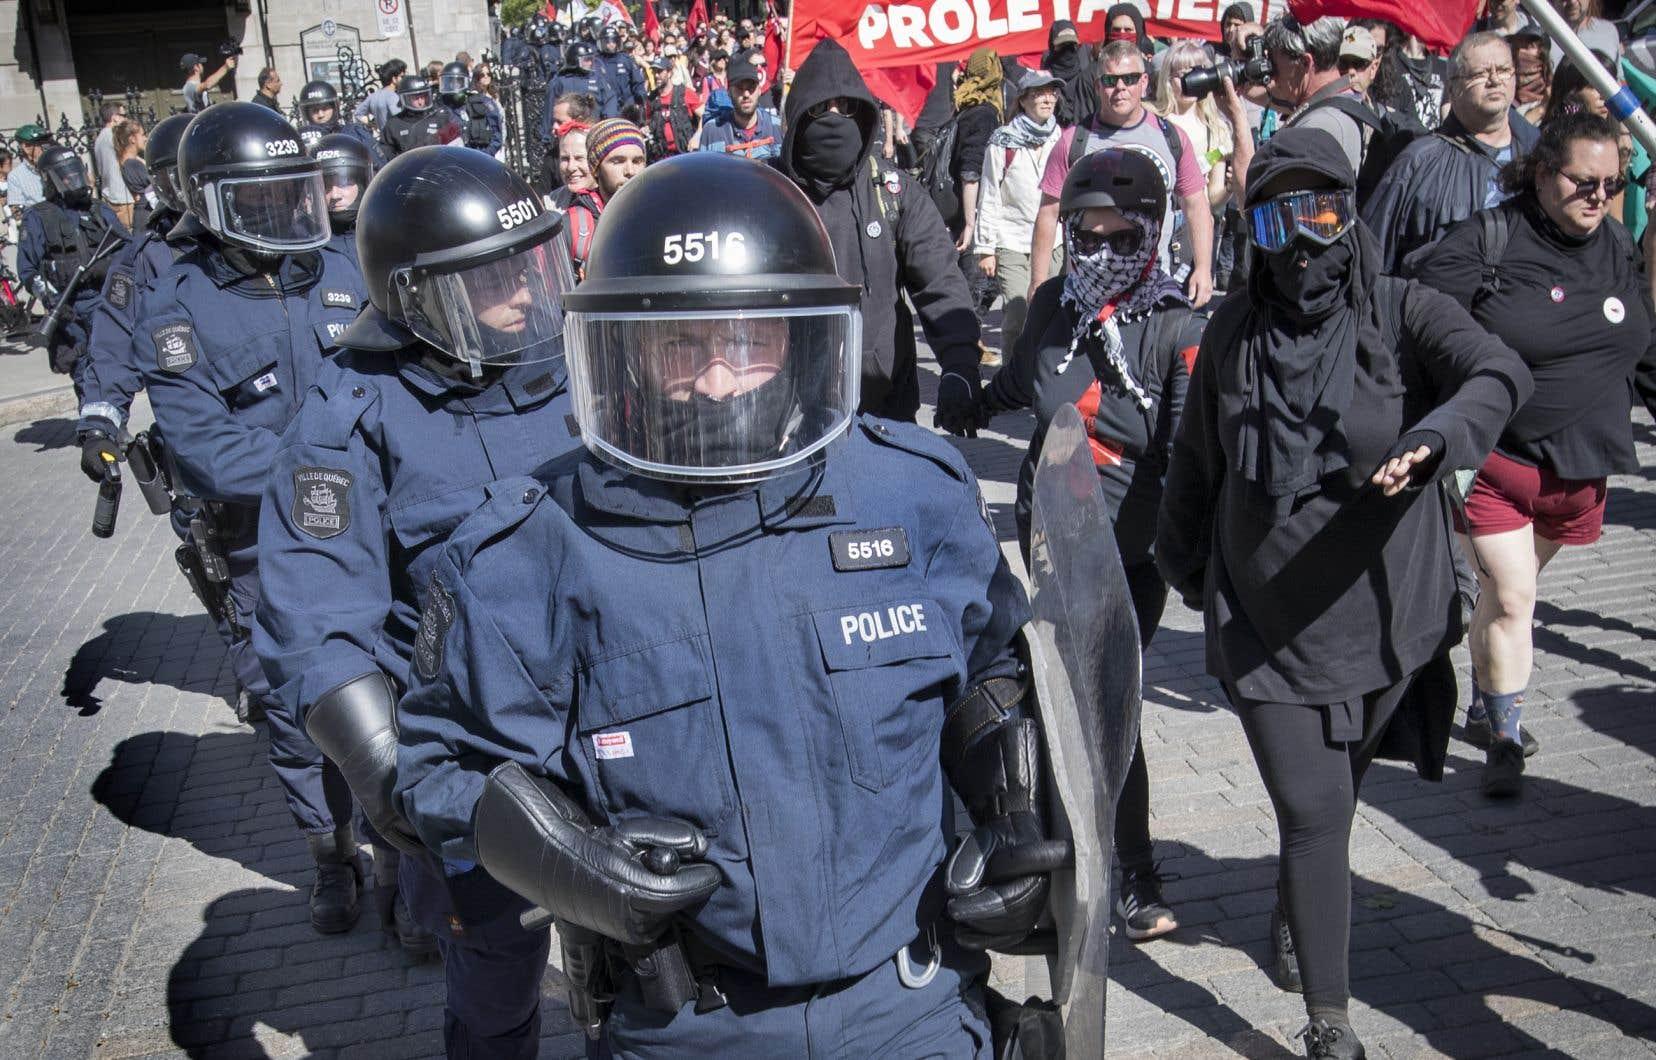 Le SPVQ s'est défendu samedi matin d'avoir effectué des arrestations au cours de la nuit, comme le laissaient entendre les rumeurs.